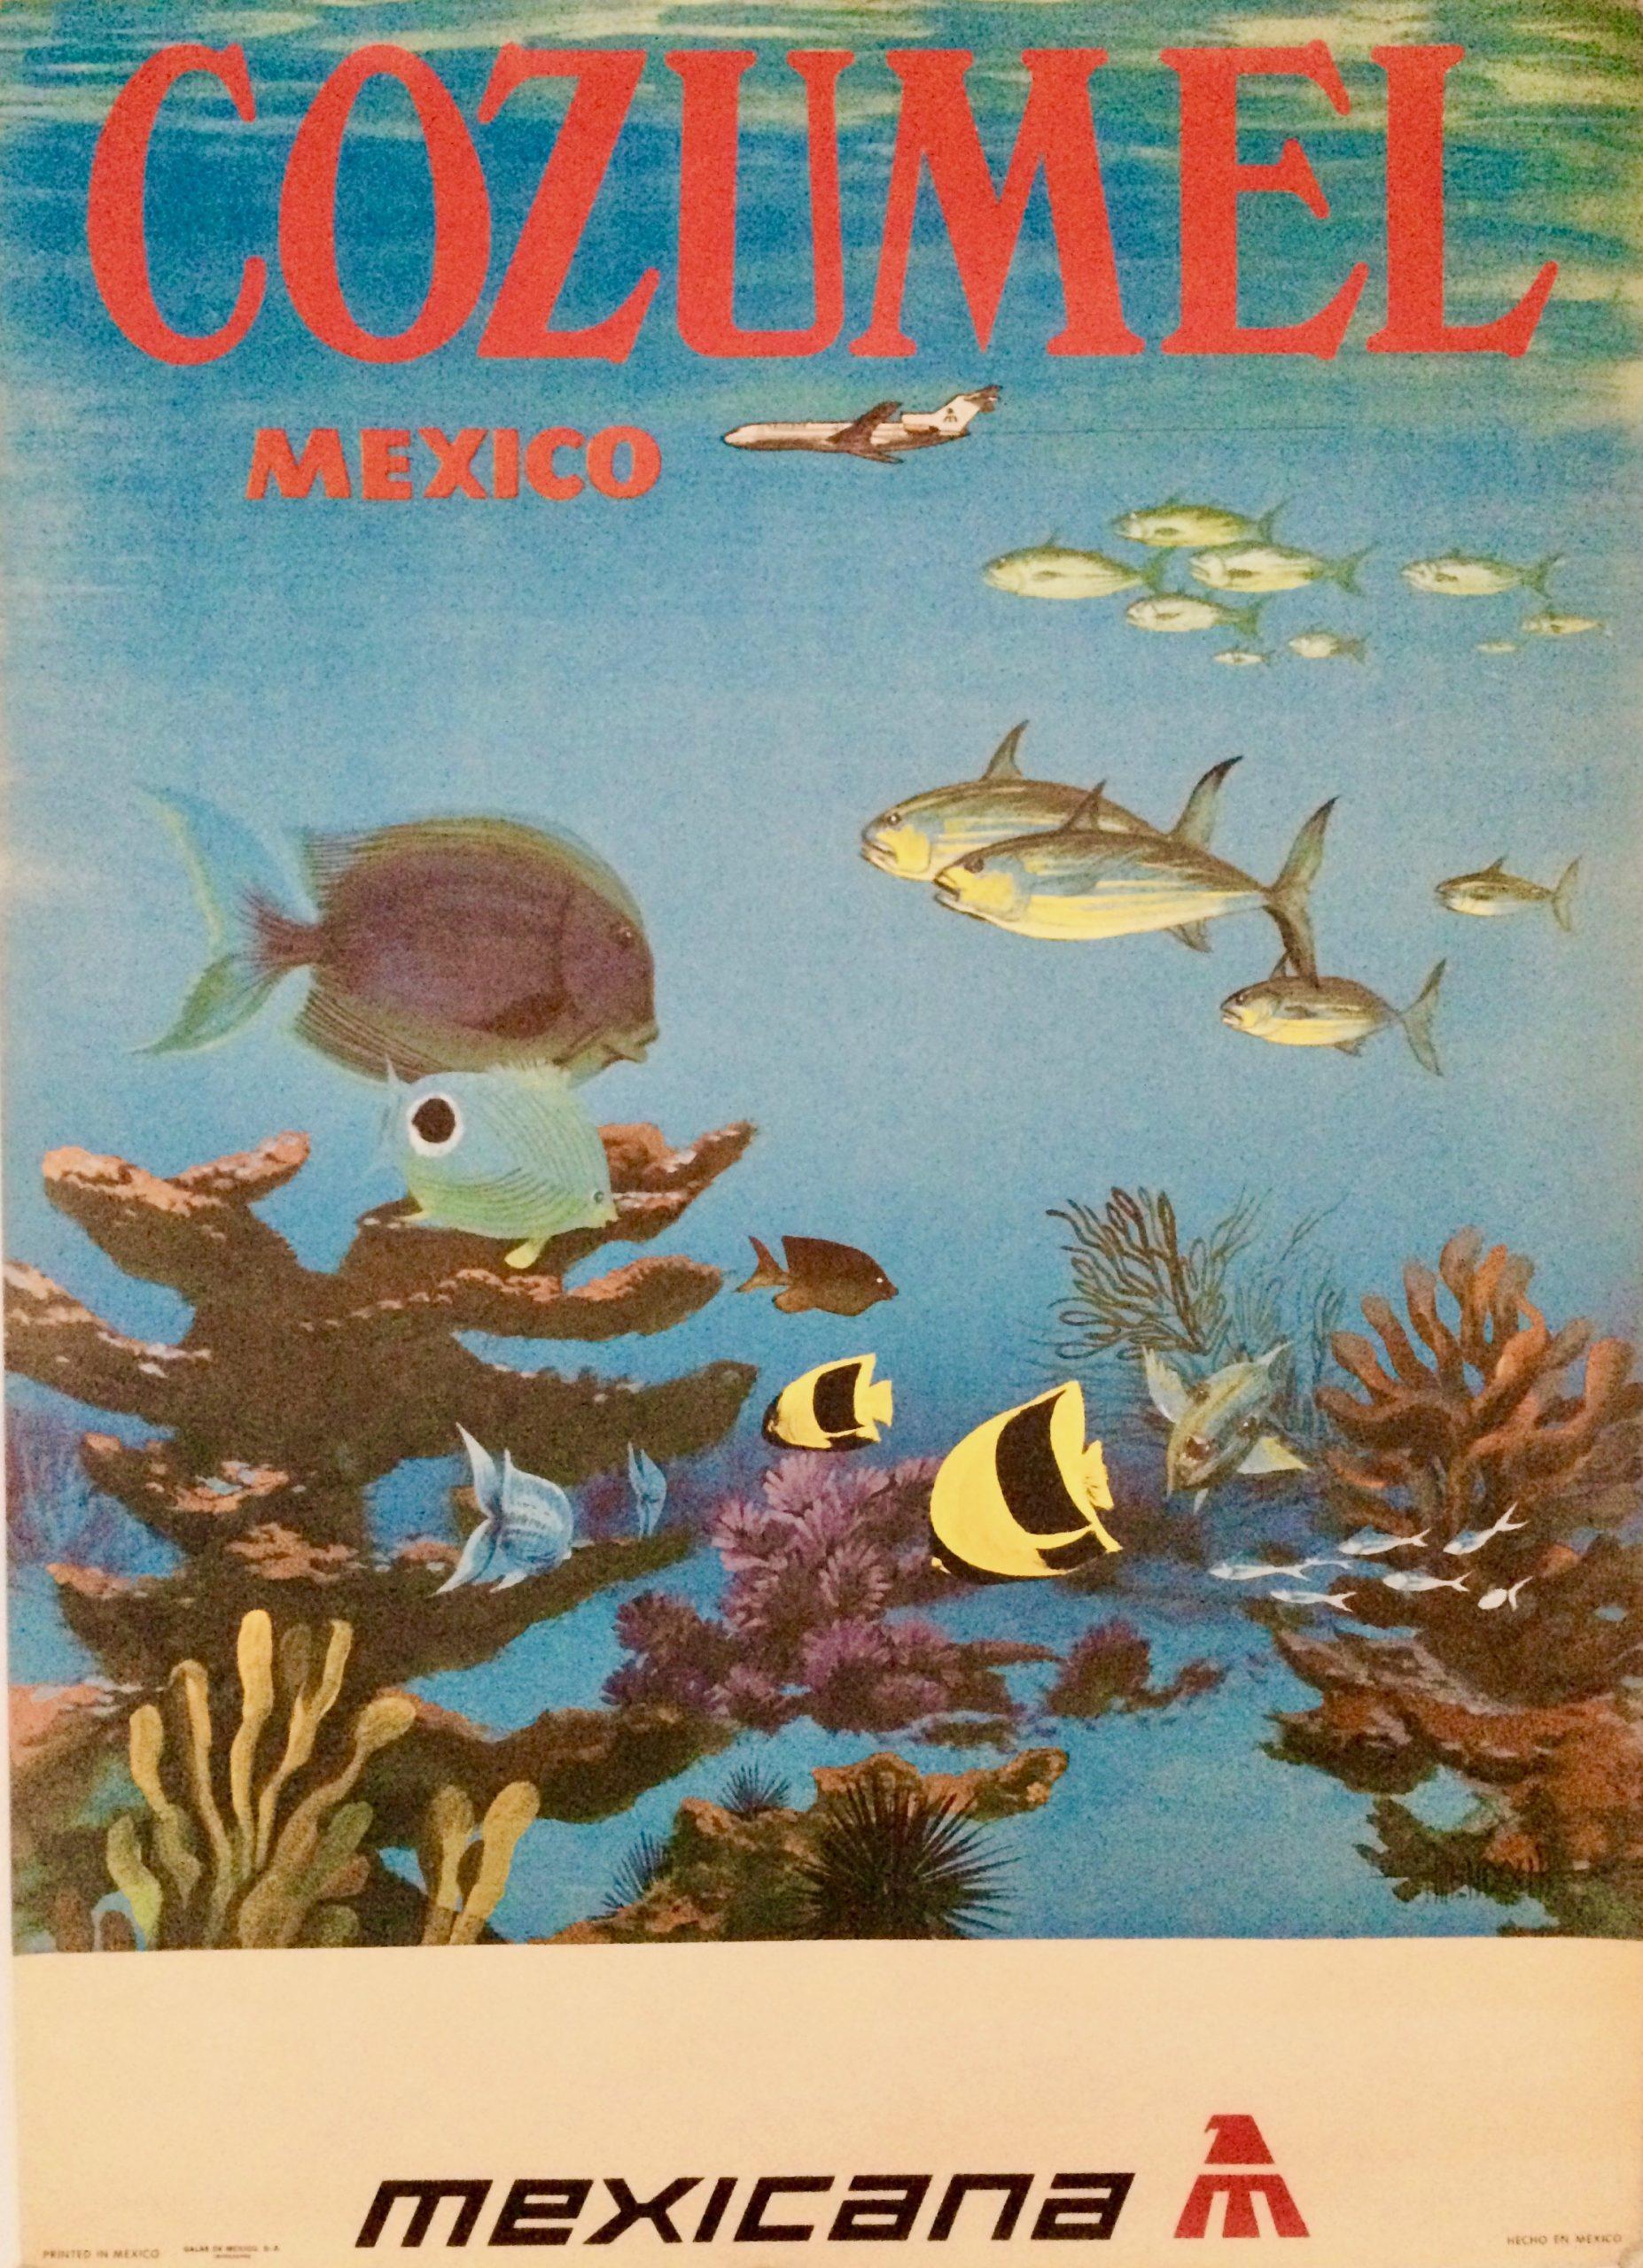 Vintage poster for Cozumel